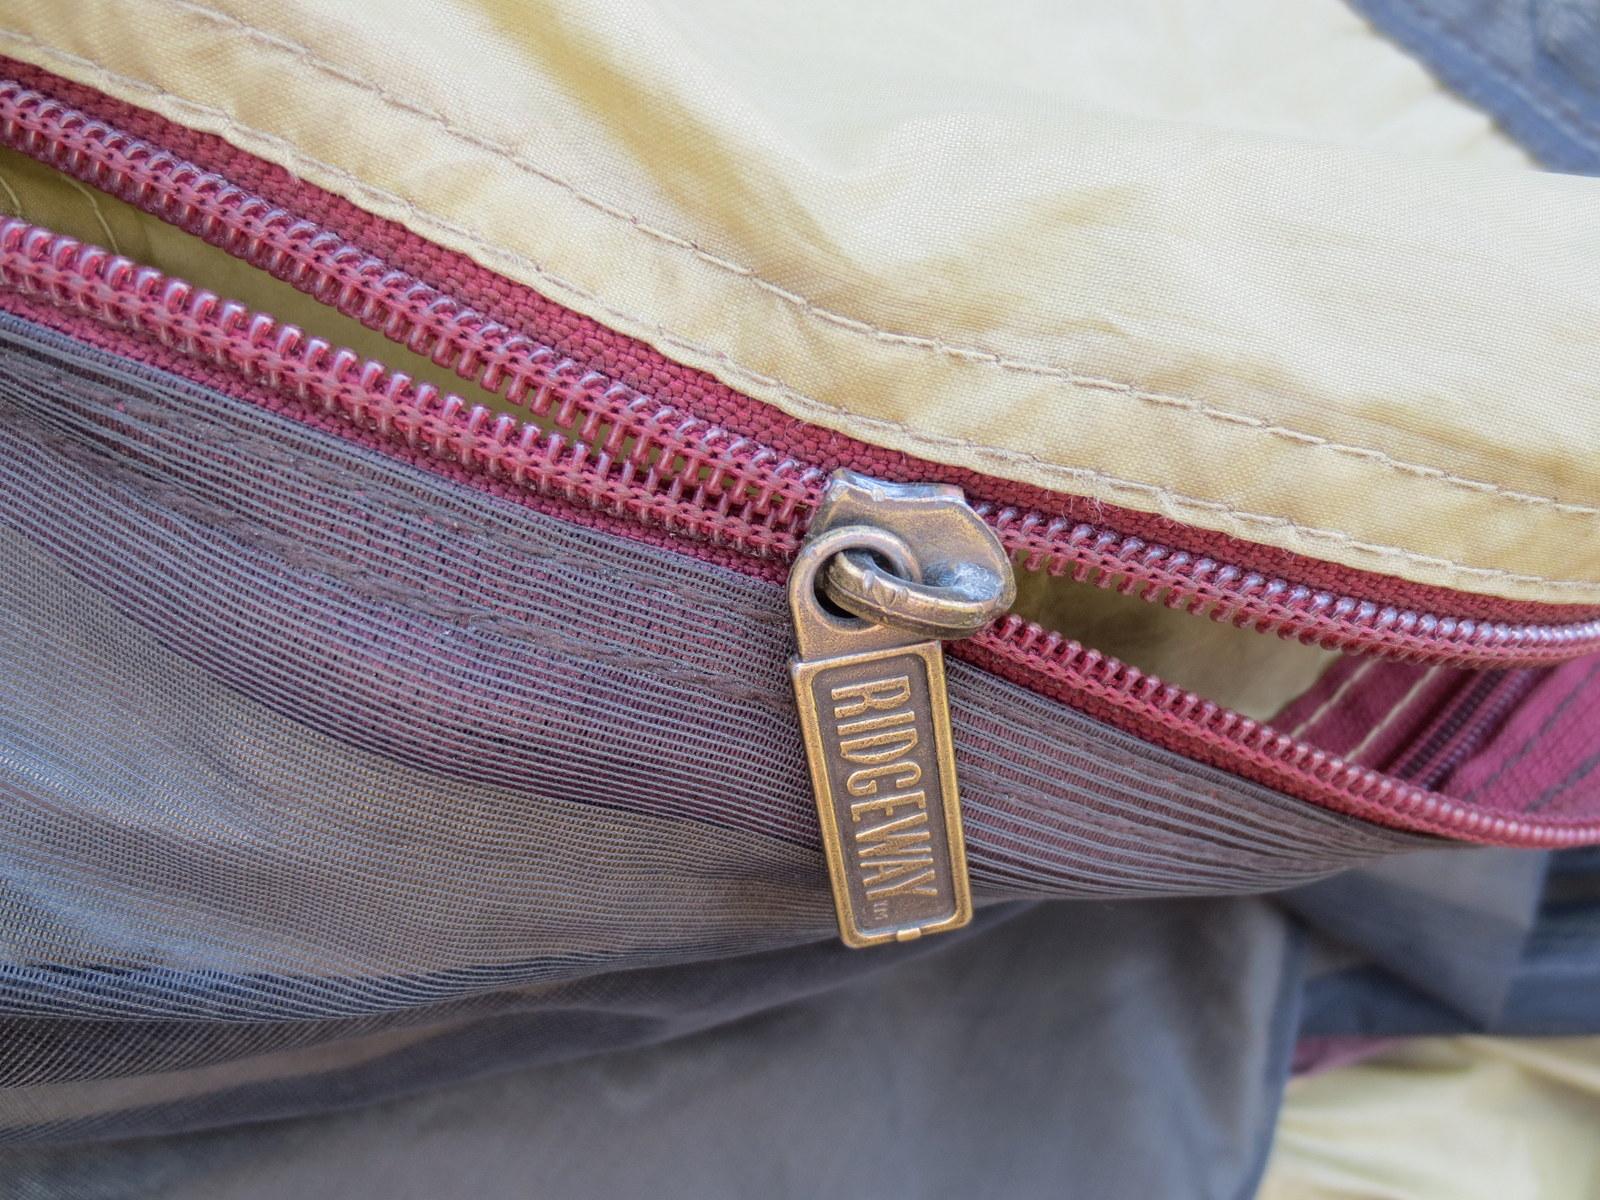 Repairing Zipper Slider - iFixit Repair Guide